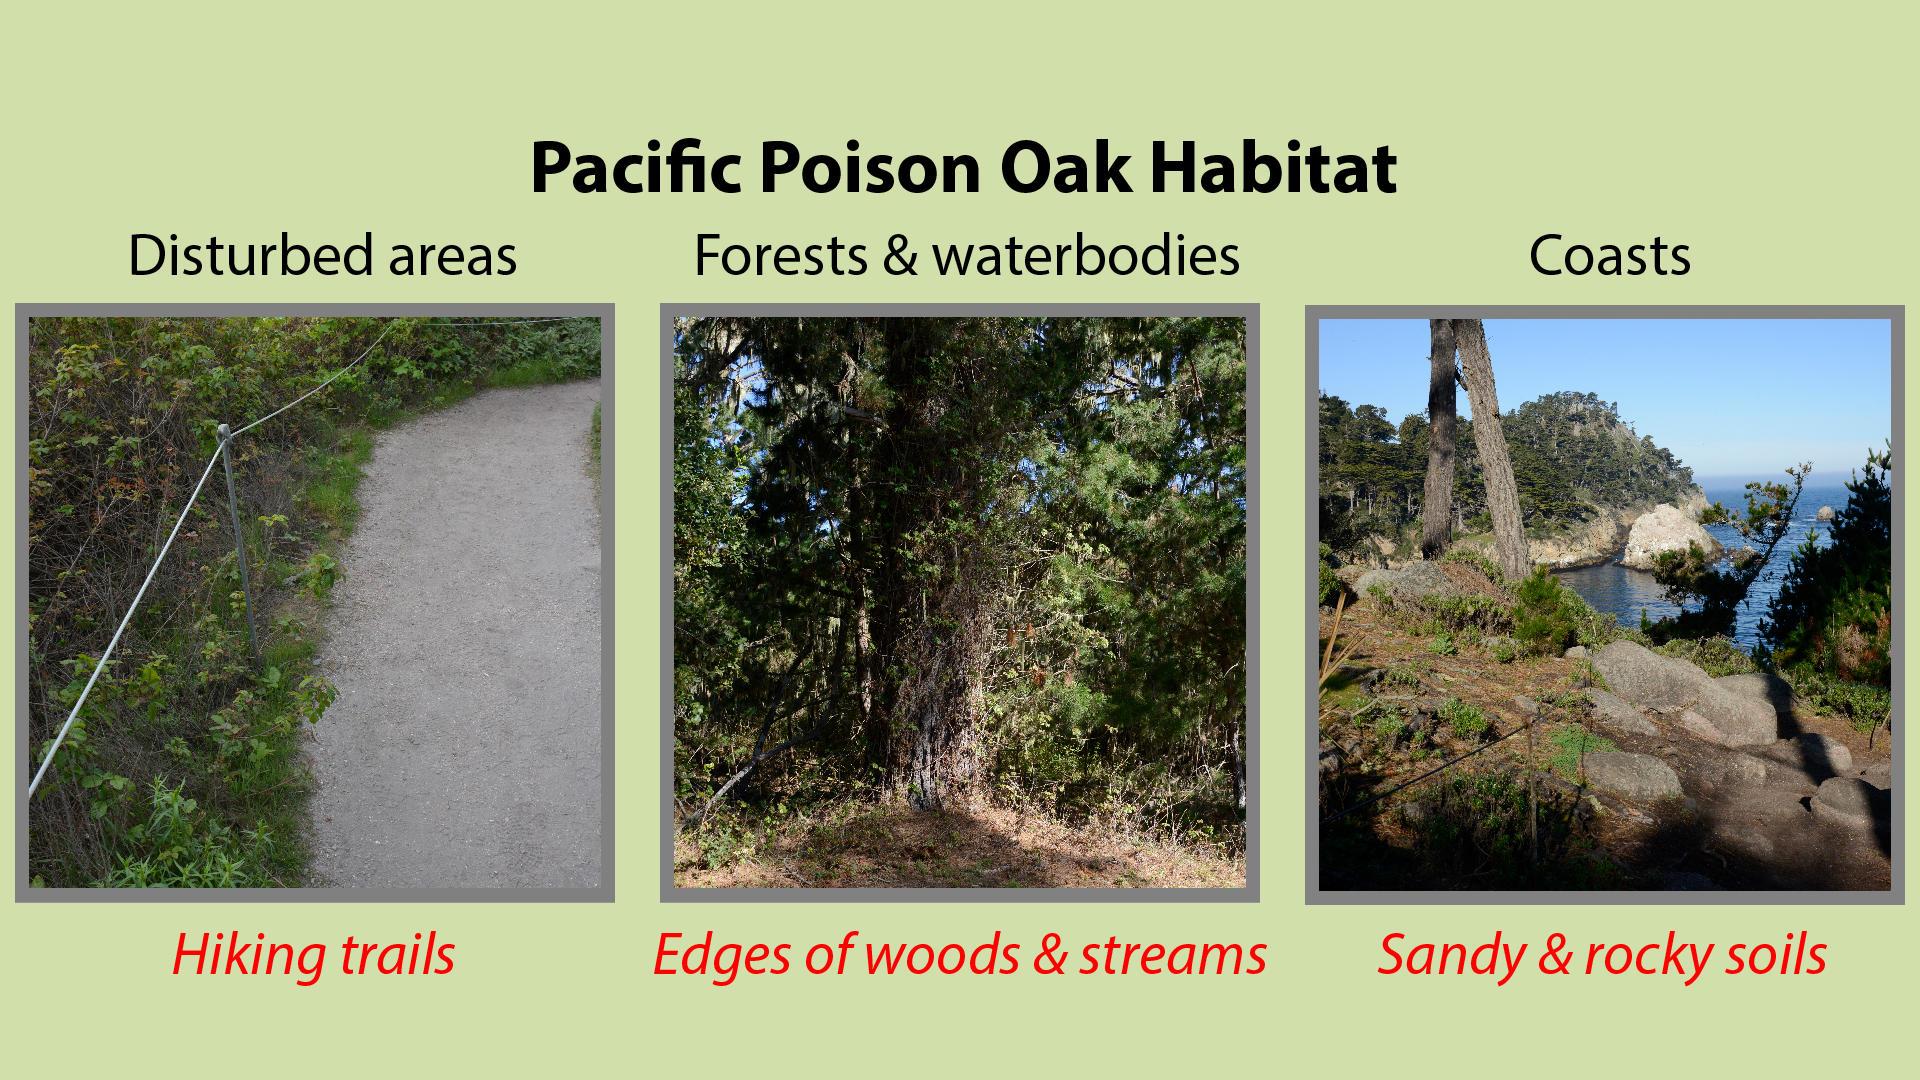 Pacific Poison Oak Habitat